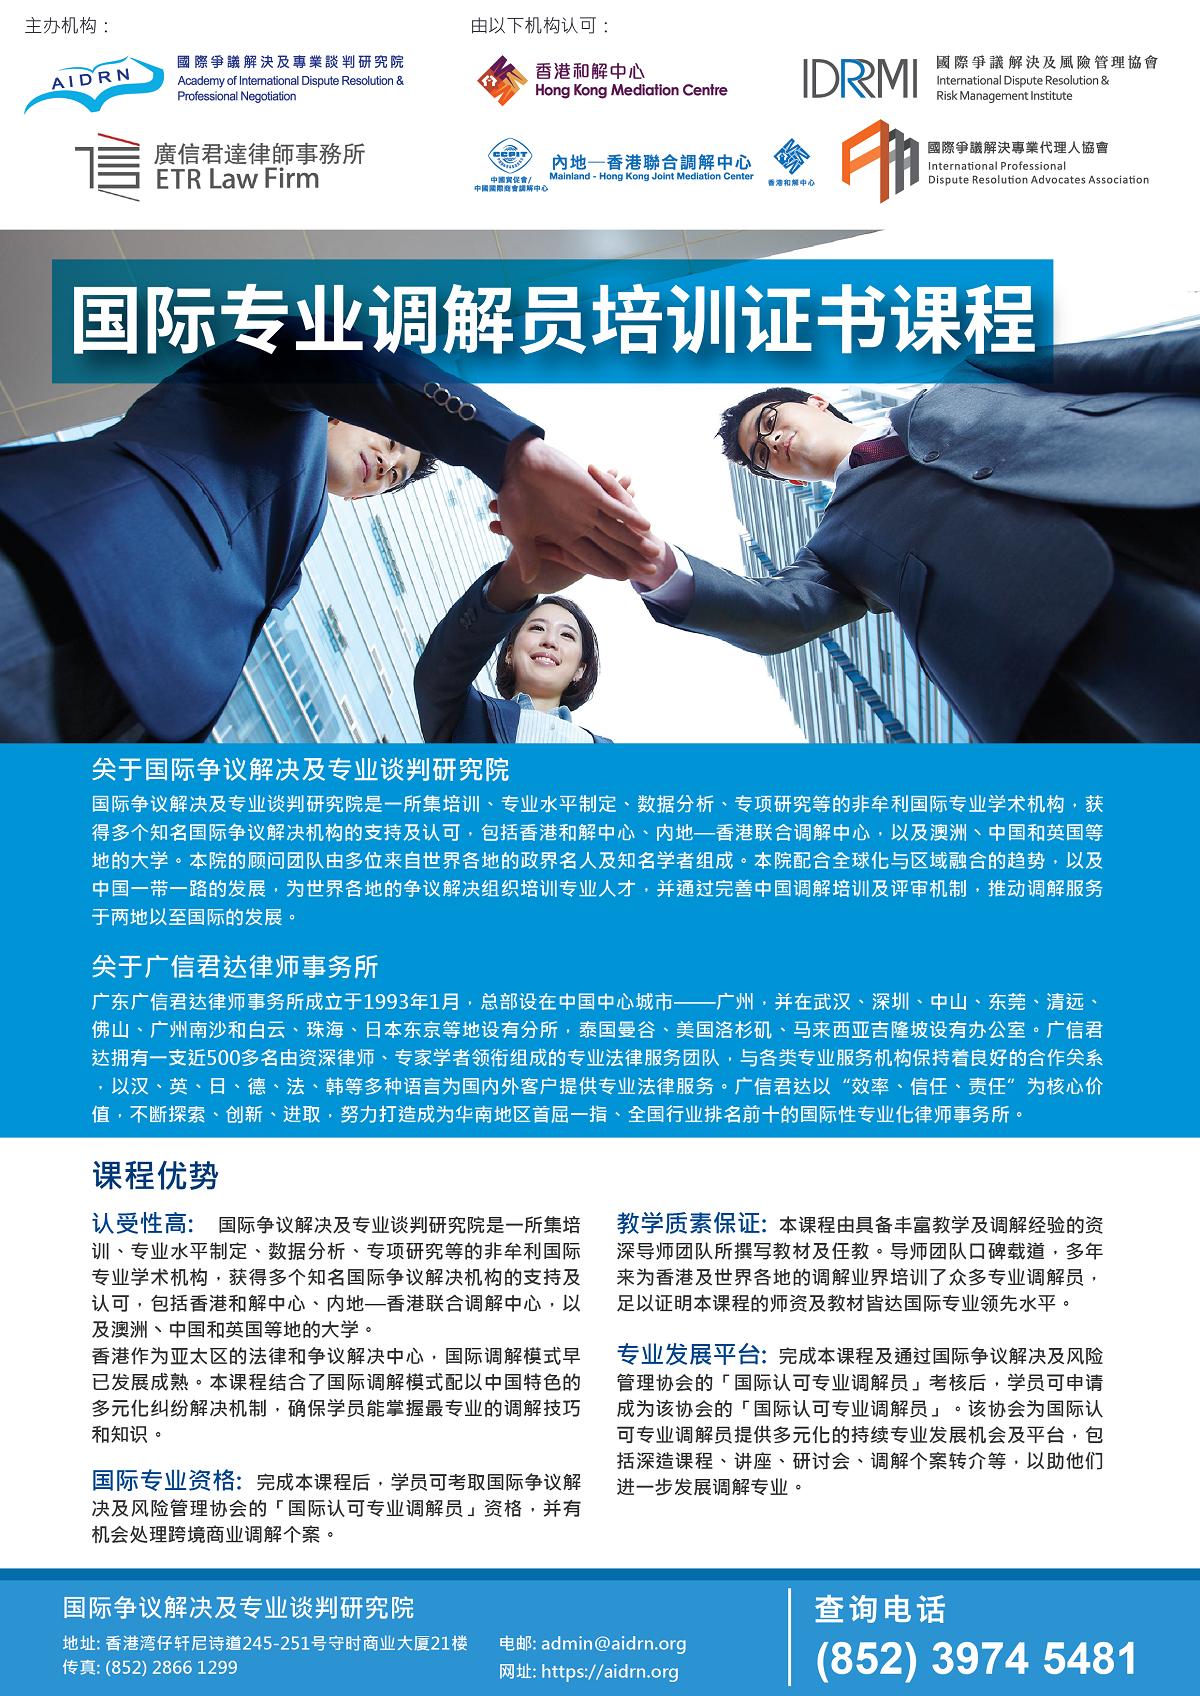 国际专业调解员培训证书课程_广信君达-01(resized)